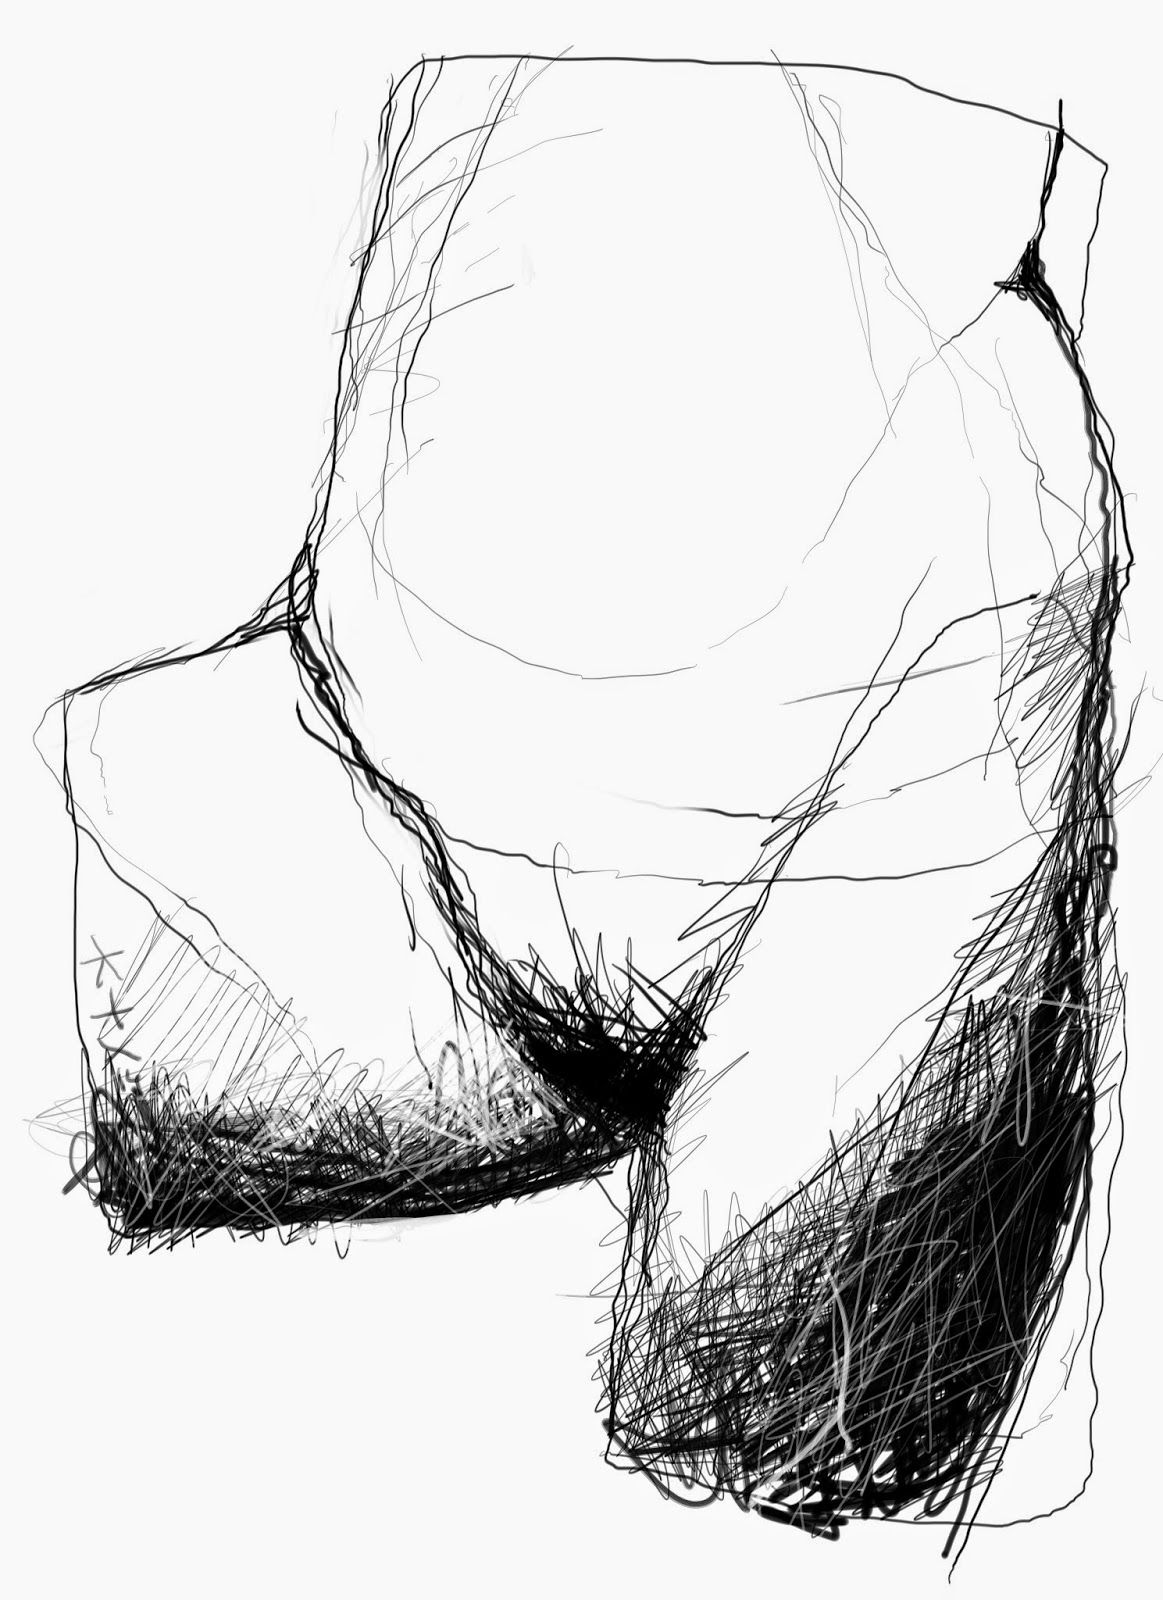 américo prata: erotic #5